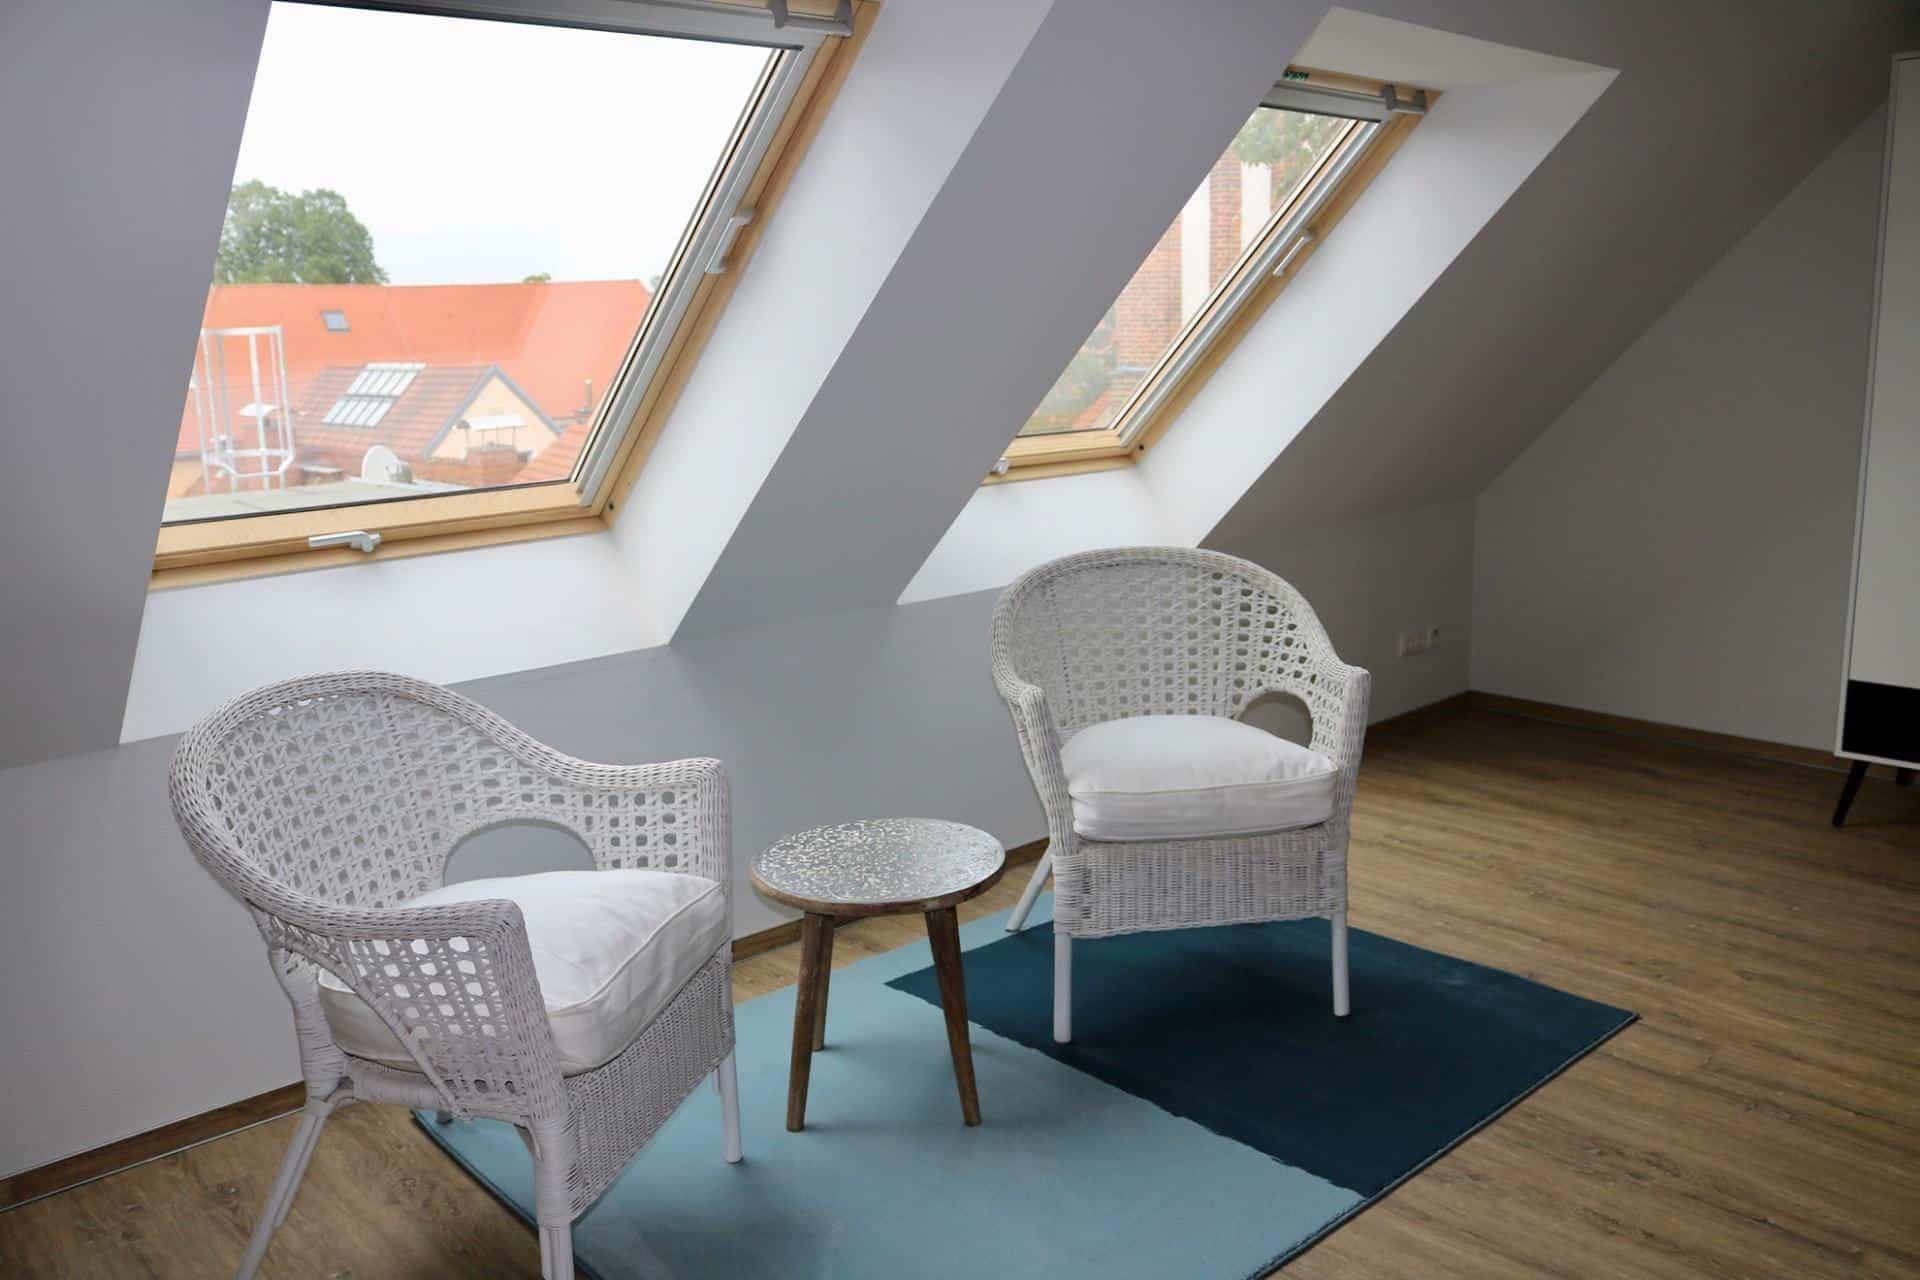 Markt 15 - Gästezimmer mit Tisch und Stühlen